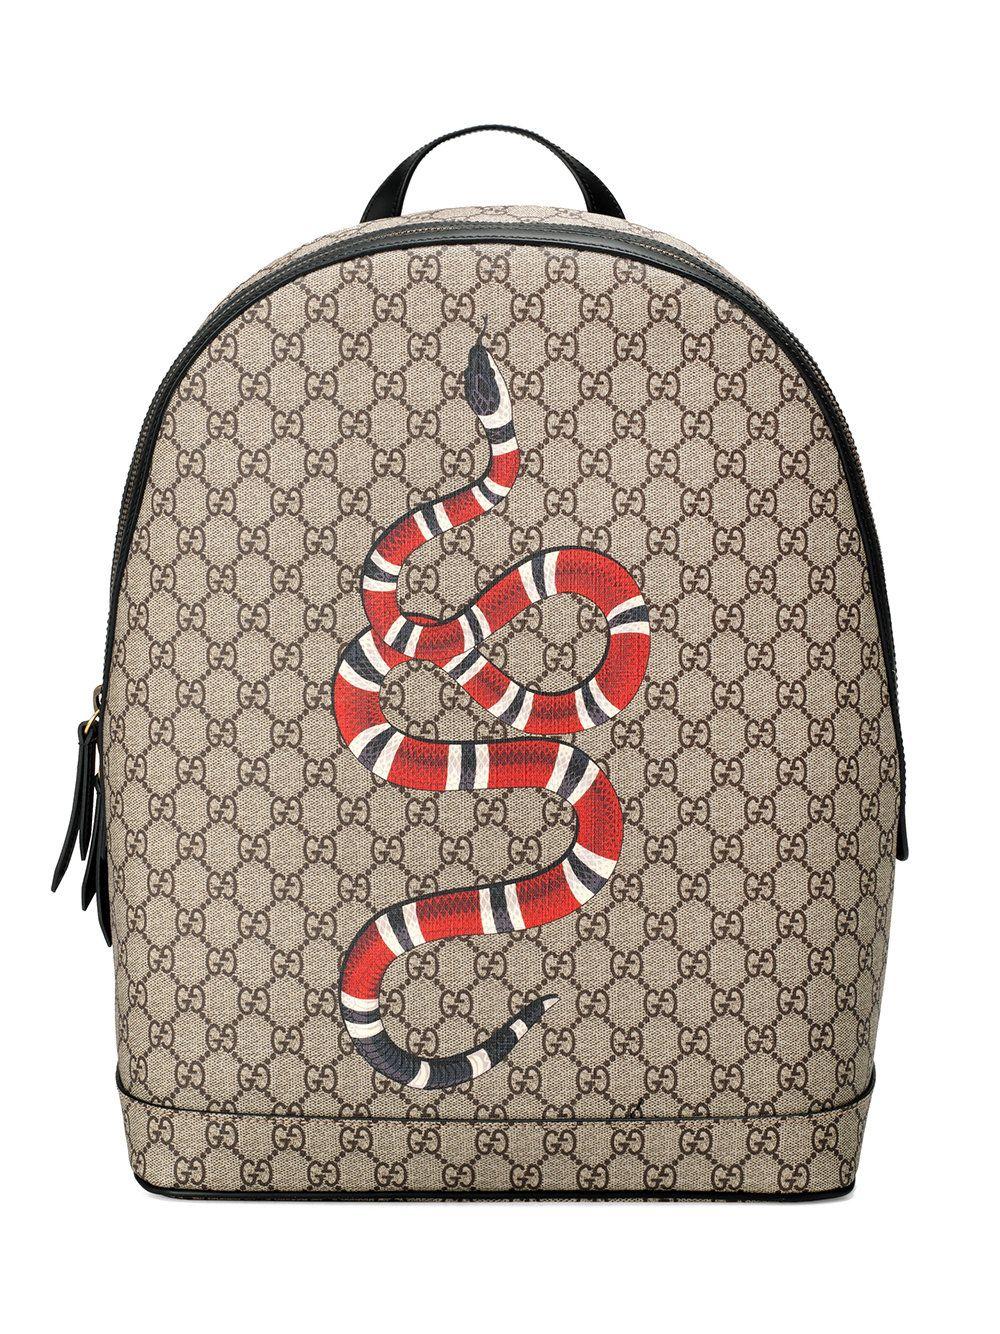 294f55d83 Gucci Mochila GG Supreme estampa 'Kingsnake' | Gucci <3 | Bolsos ...